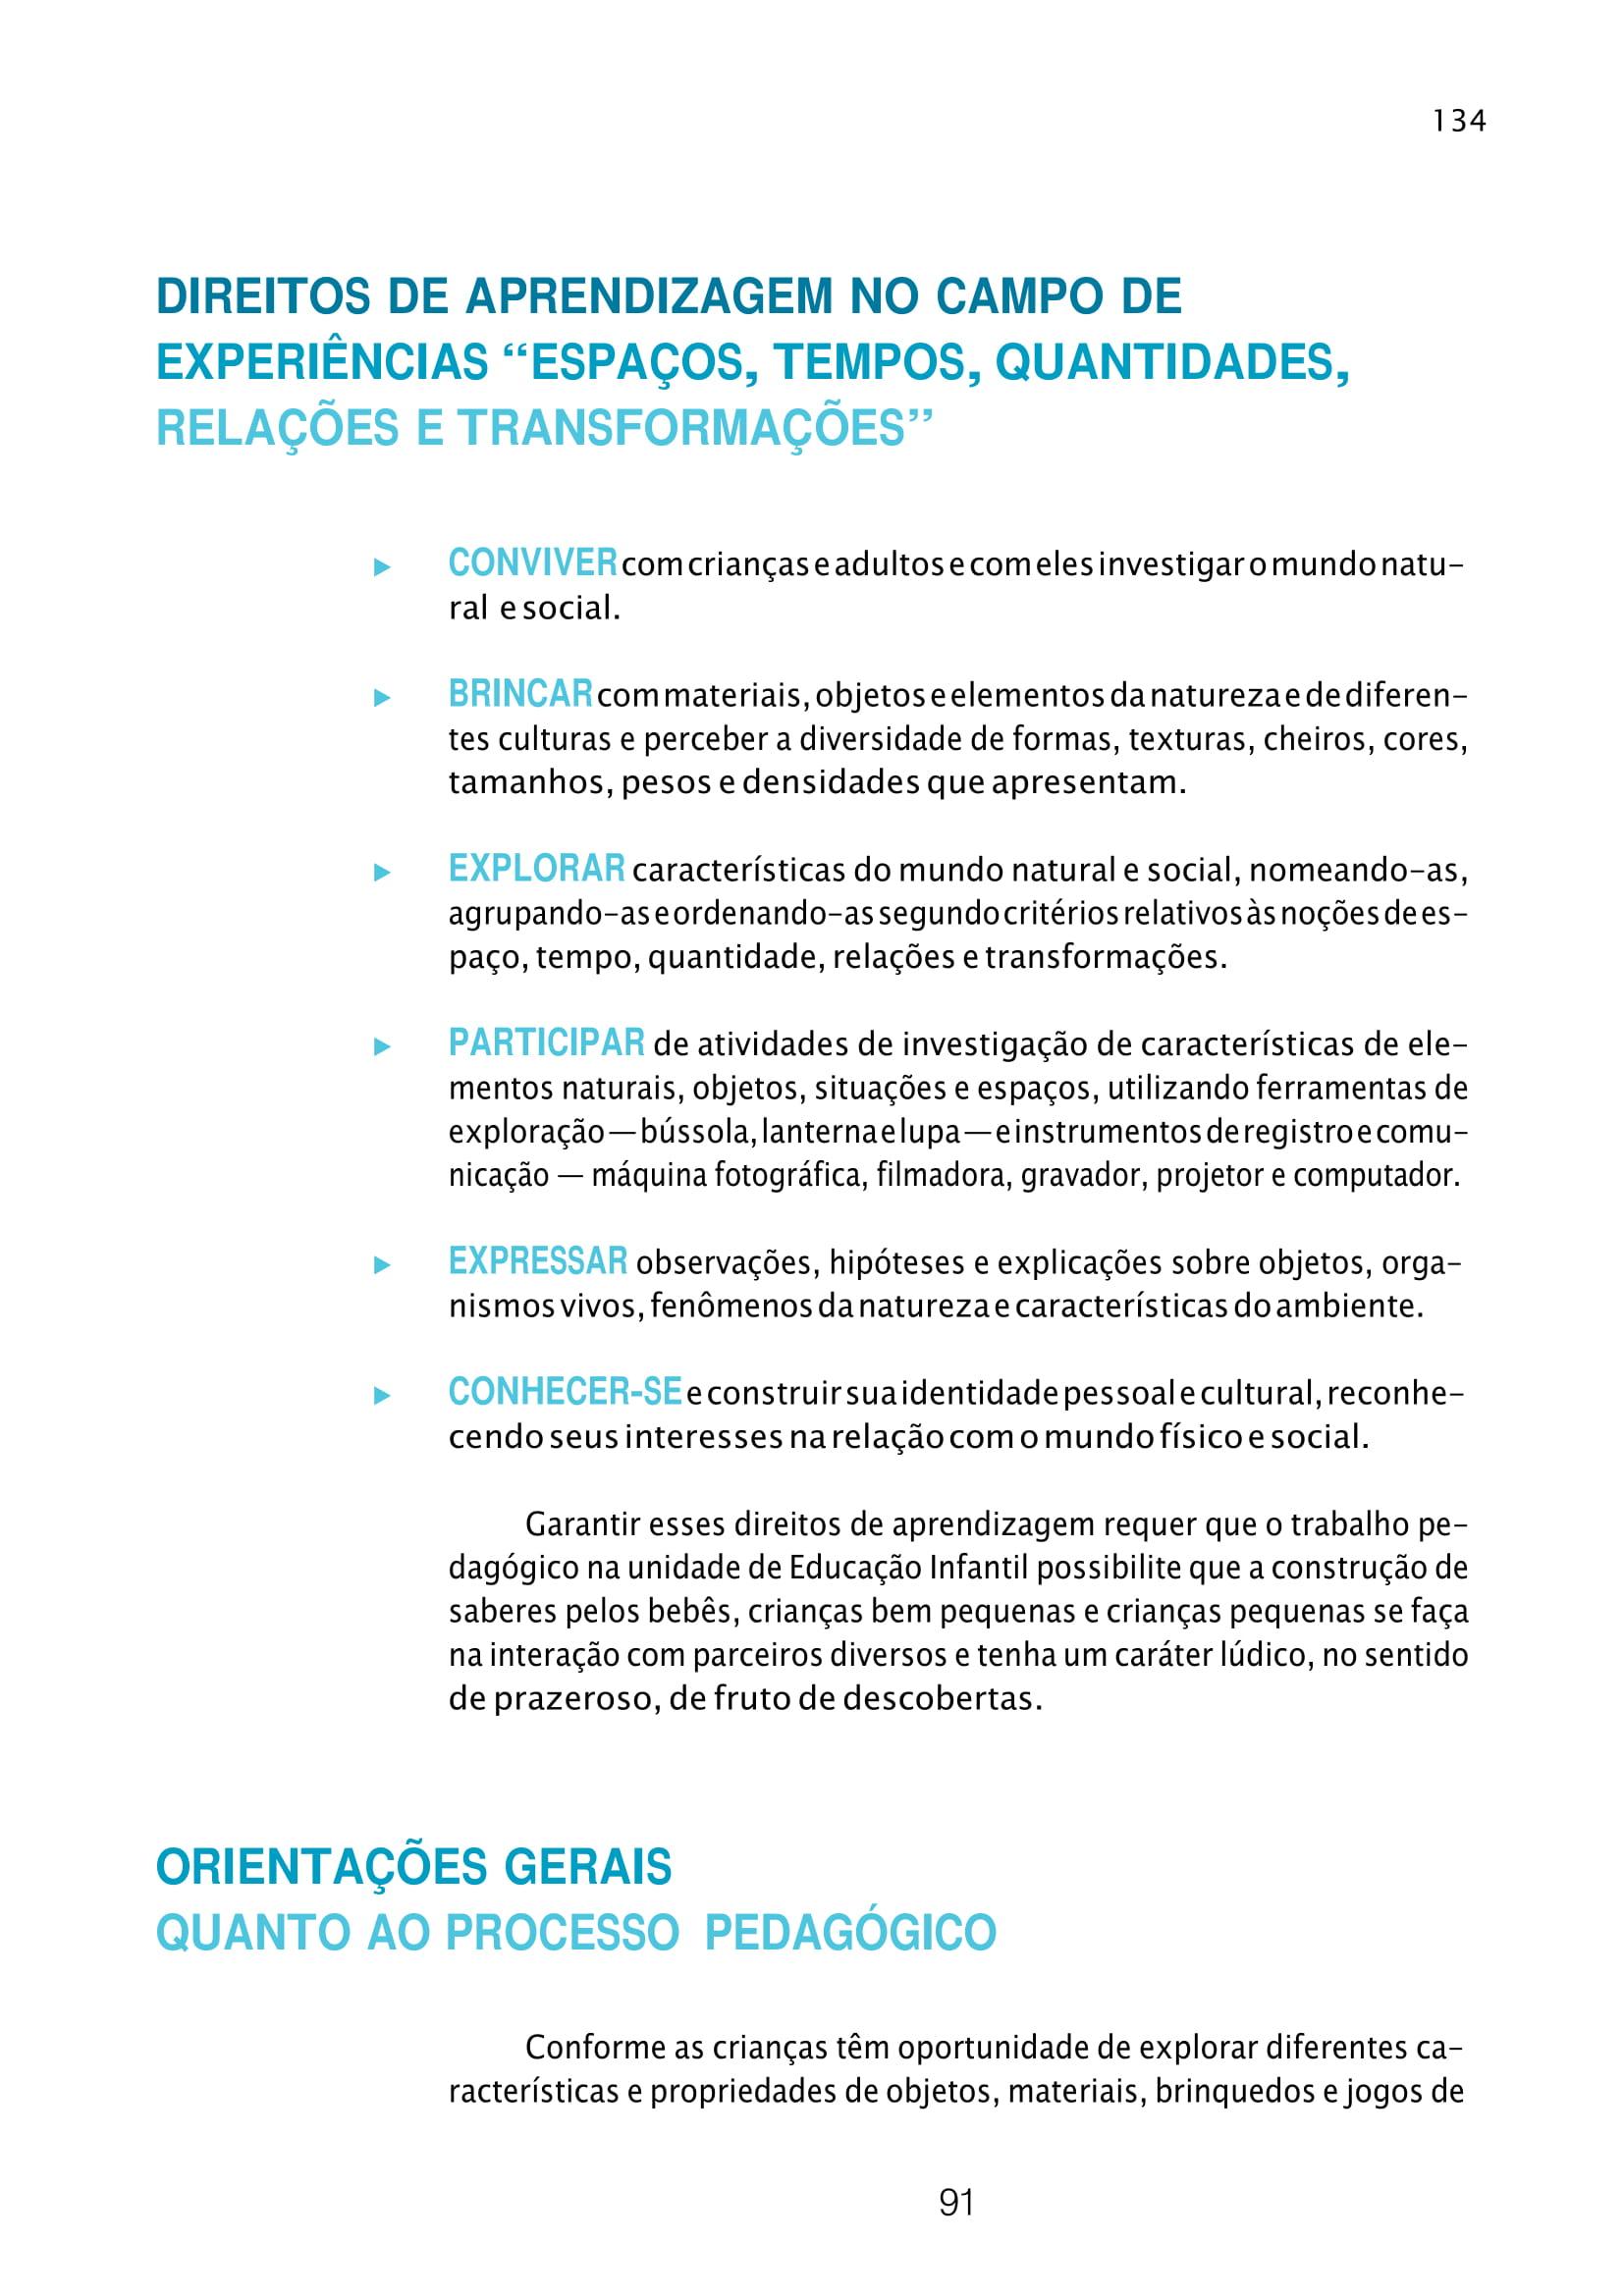 planejamento-educação-infantil-bncc-geral-164